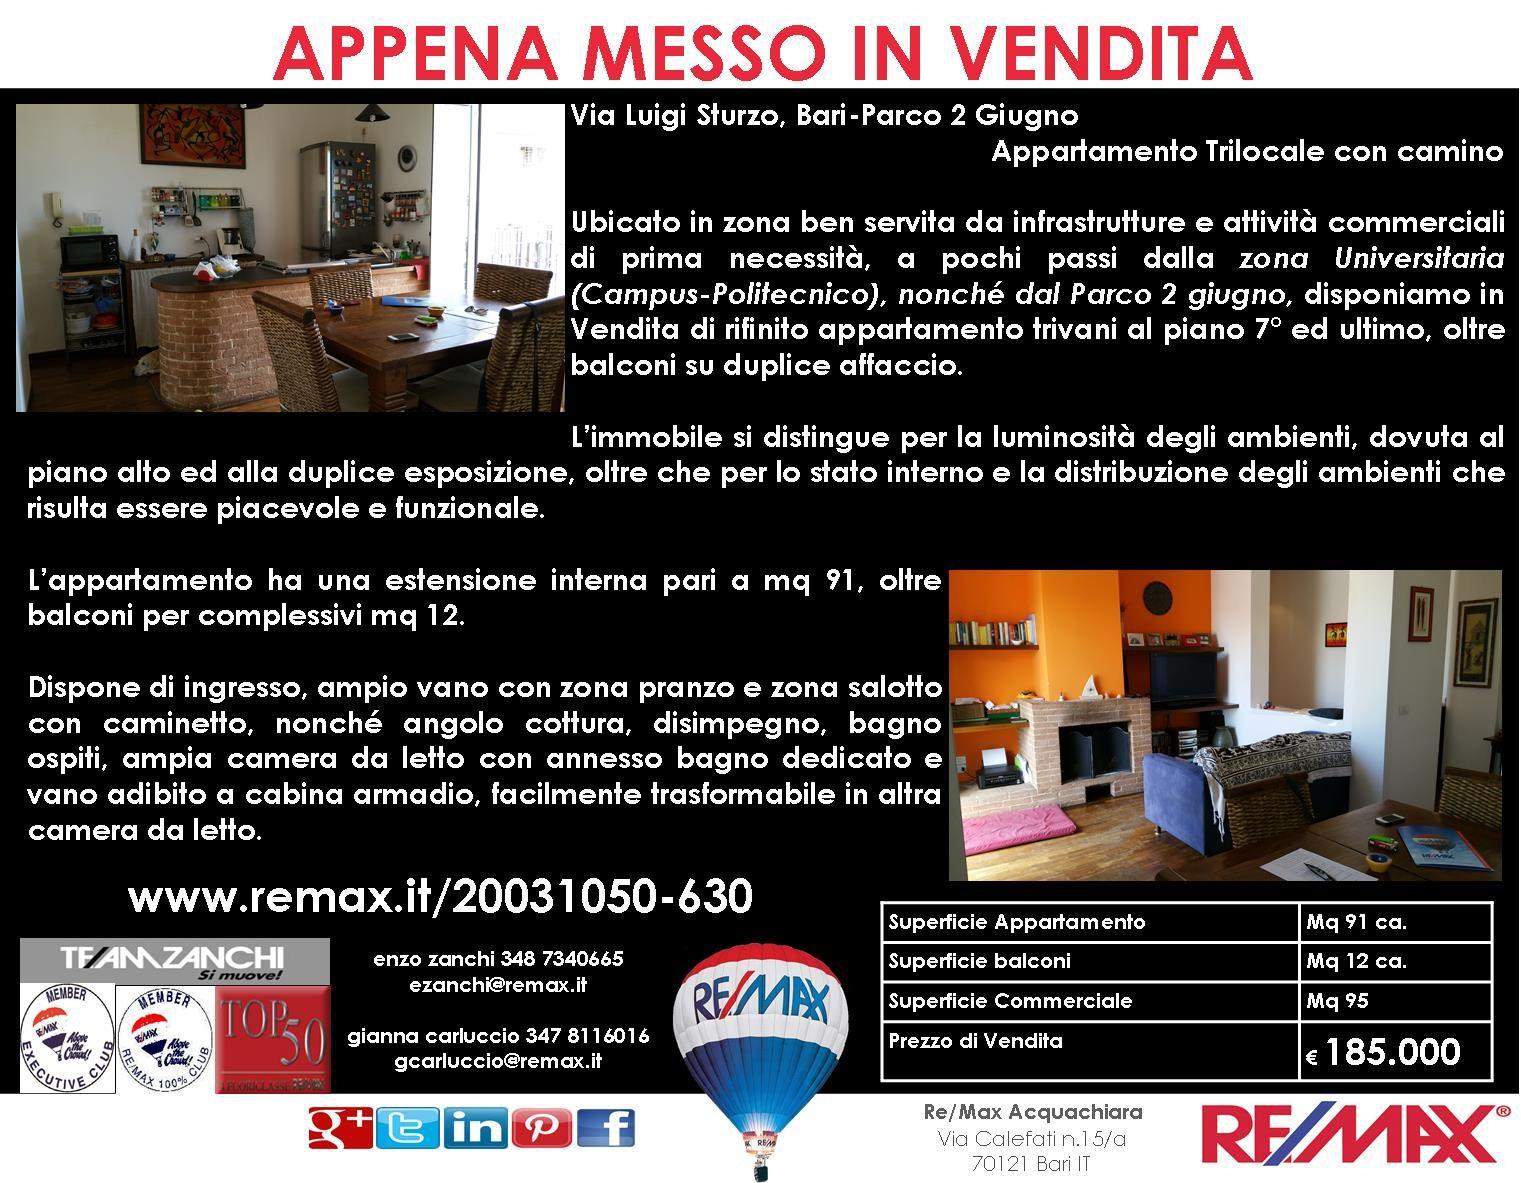 Appena Messo in Vendita Bari, Via Luigi Sturzo Appartamento Trivani con duplice esposizione www.remax.it/20031050-630 info 348 7340665